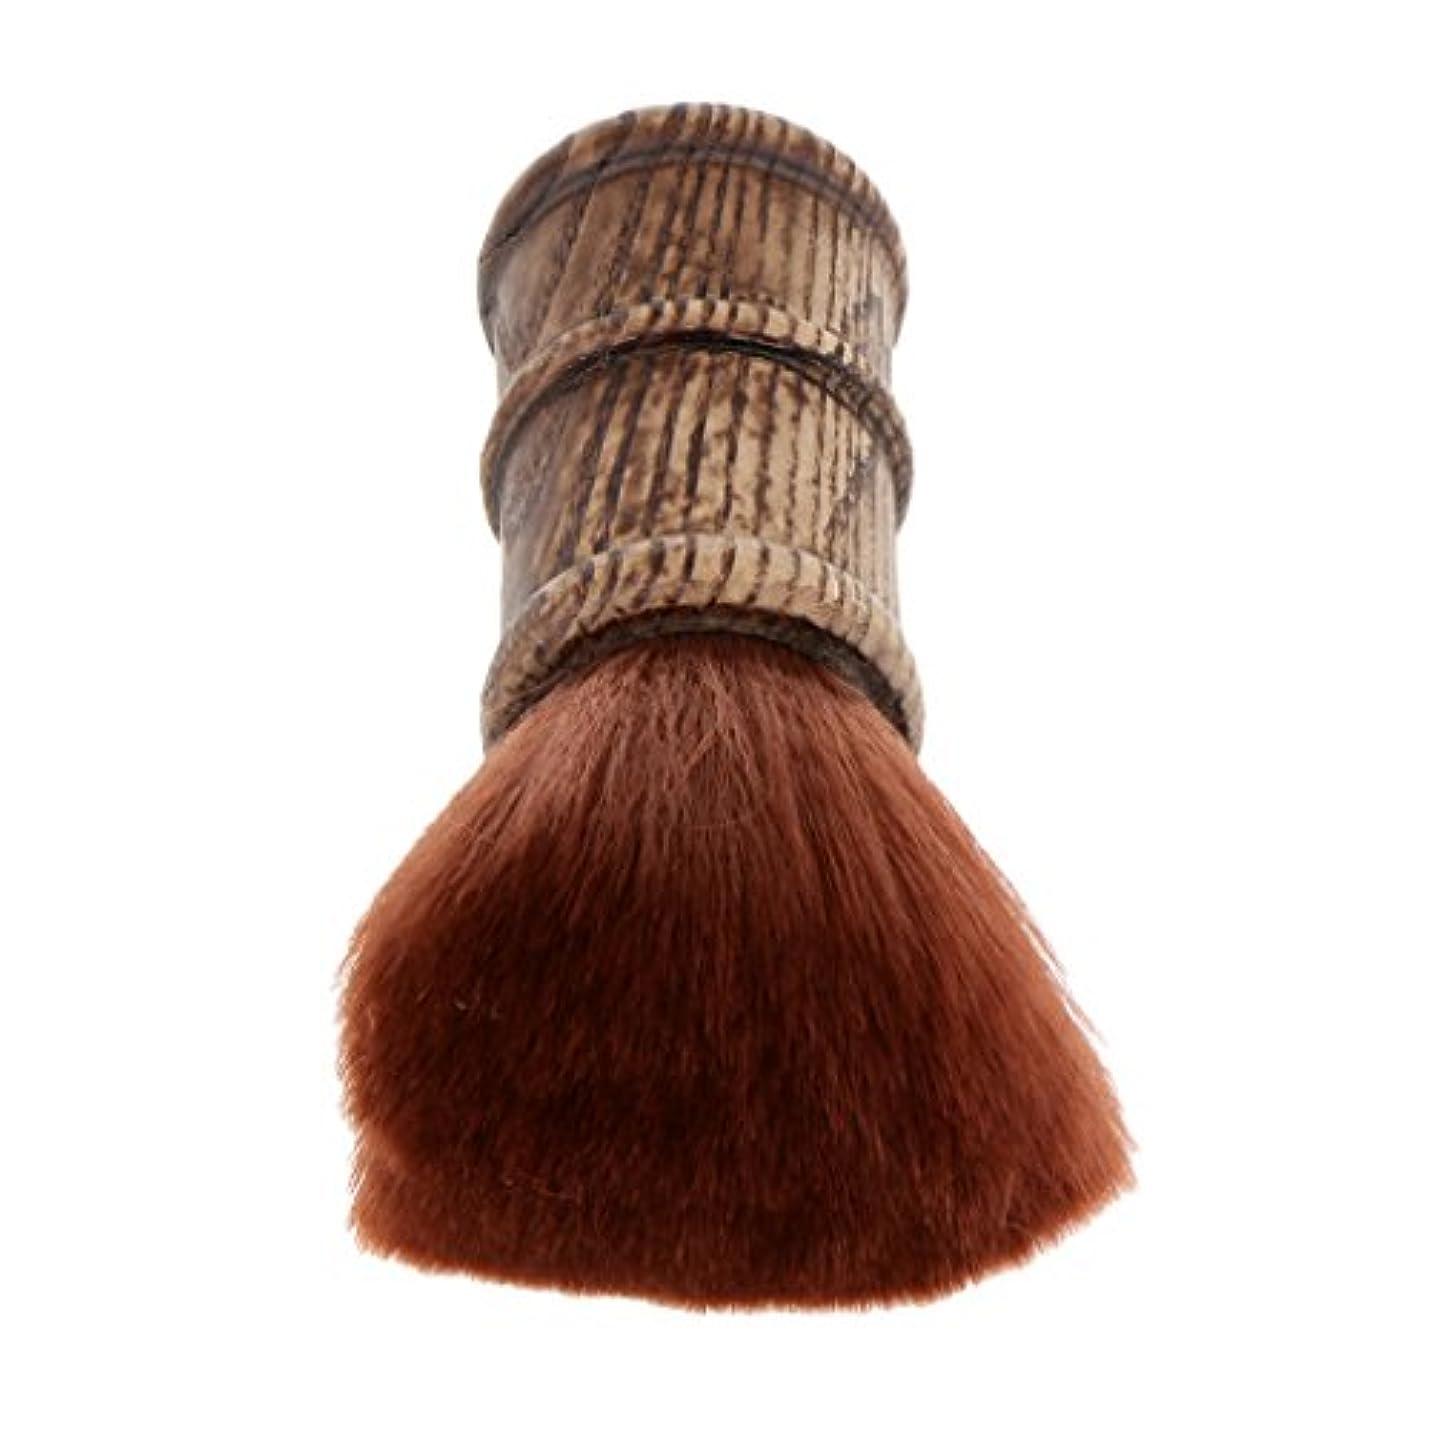 姪ミシン目クレアネックダスターブラシ ヘアカットブラシ ブラシ プロ サロン 柔らかい 自宅用 ヘアスタイリスト ヘアカット 散髪 理髪師 2色選べる - 褐色